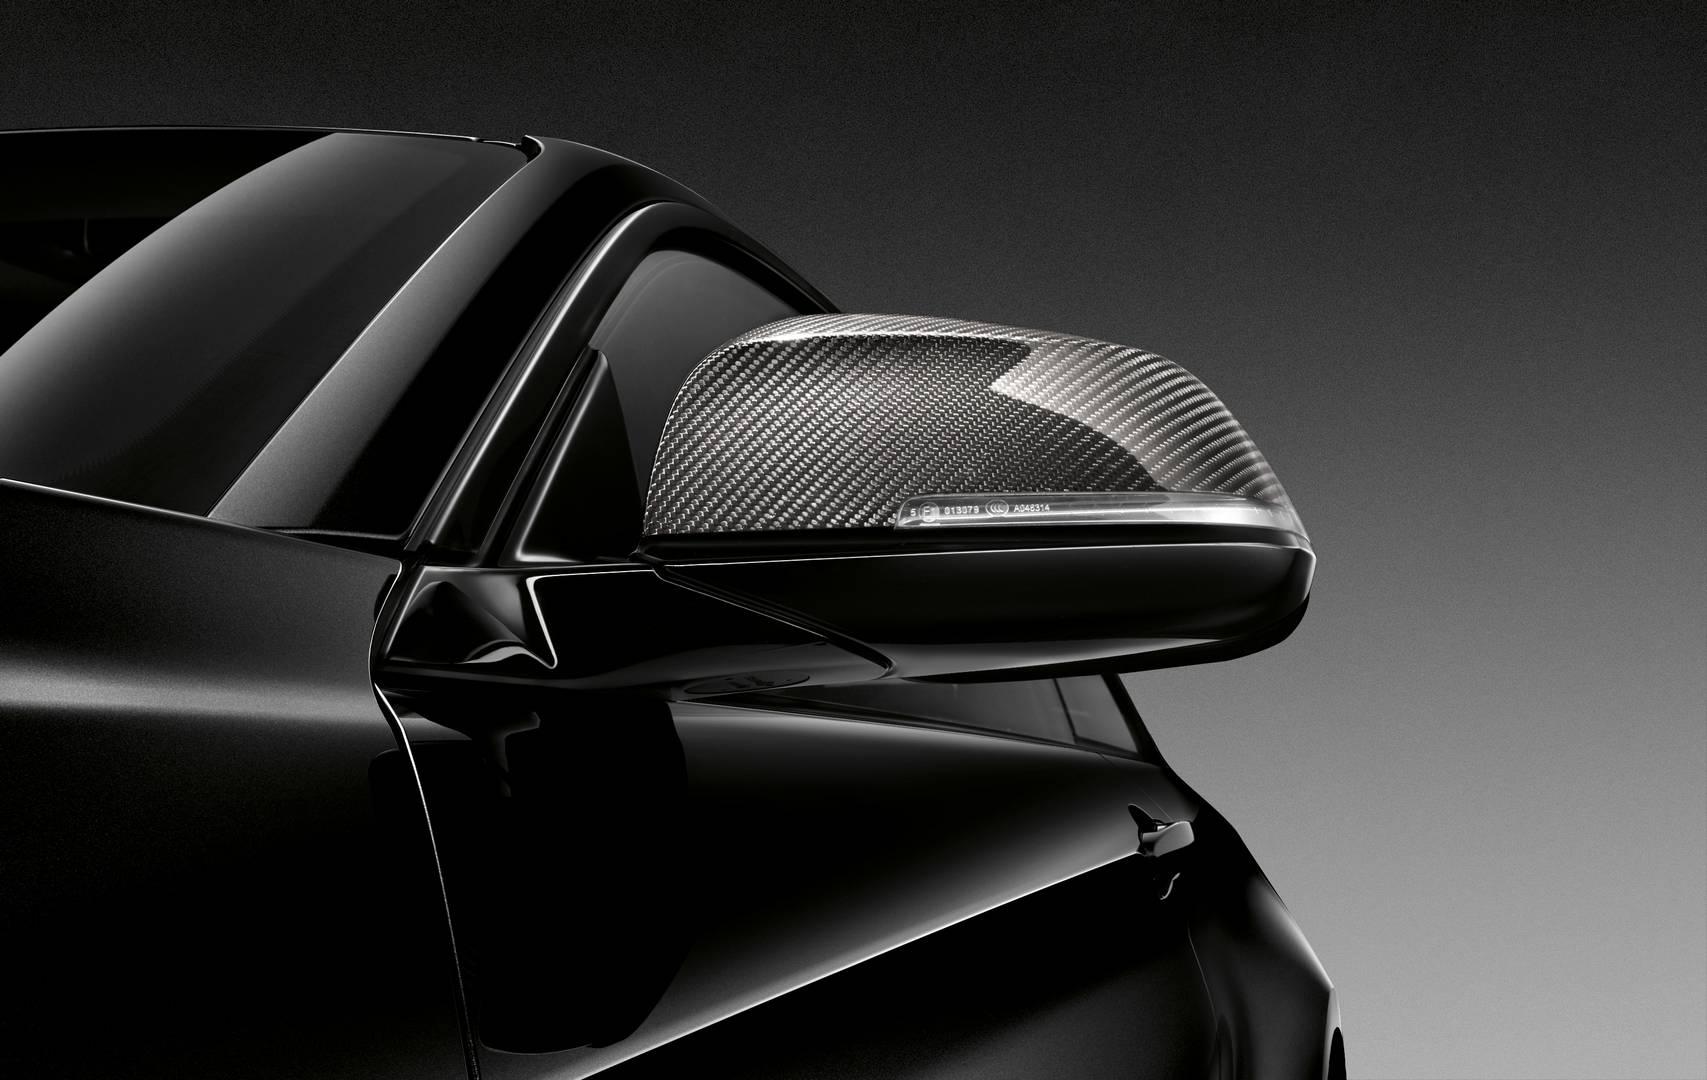 BMW M2 Edition Black Shadow получает комплект сапфировых черных дисков размером 19 дюймов с черными центрами с Y-спицами. Зеркала выполнены из карбоновой стали, а решетка имеет отделку черного цвета. Задний диффузор сделан из карбона, а черная хромир